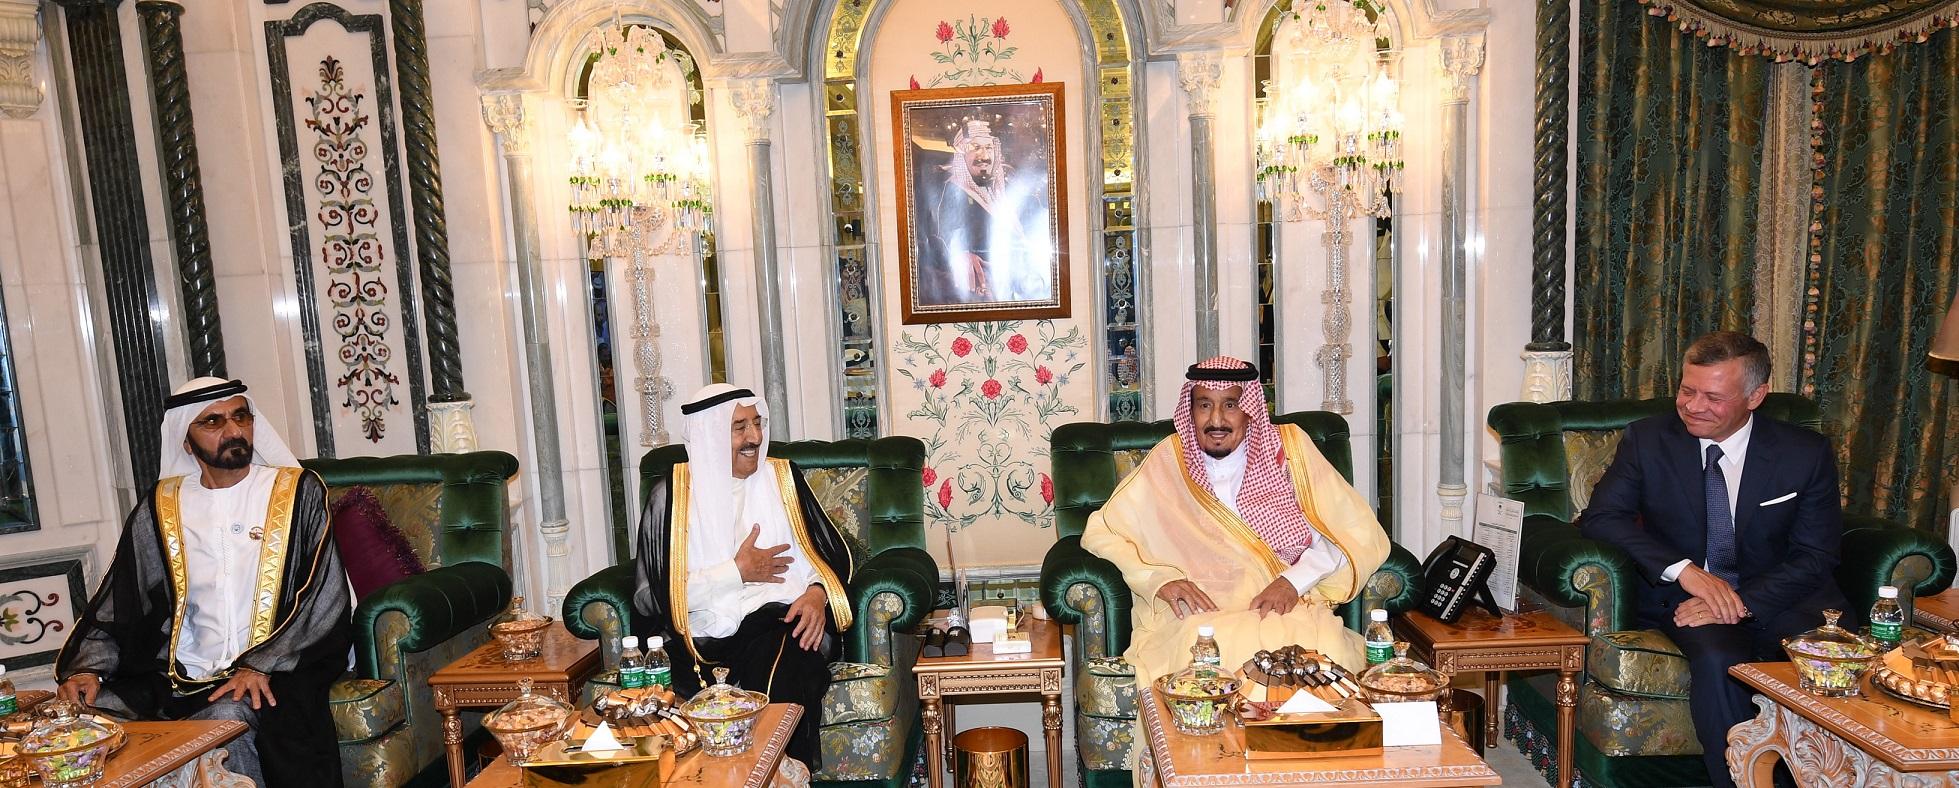 سمو الأمير يبعث ببرقية شكر إلى خادم الحرمين